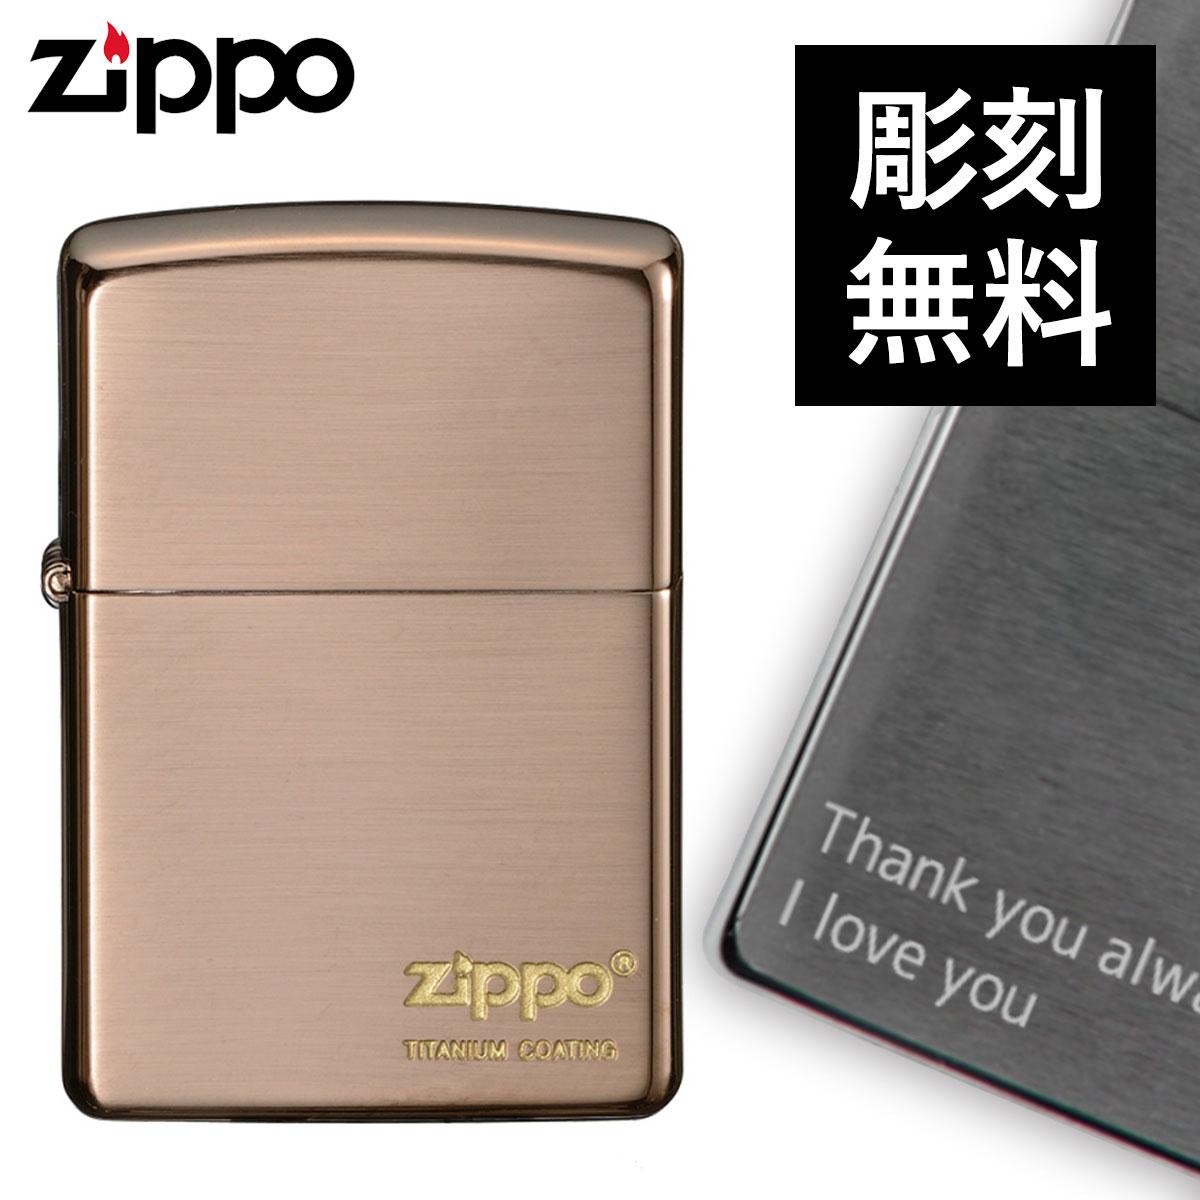 ◆期間限定P10◆ zippo 名入れ チタンコーティング THG ブラウン 名入れ ギフト キズがつきにくい シンプル チタンメッキ